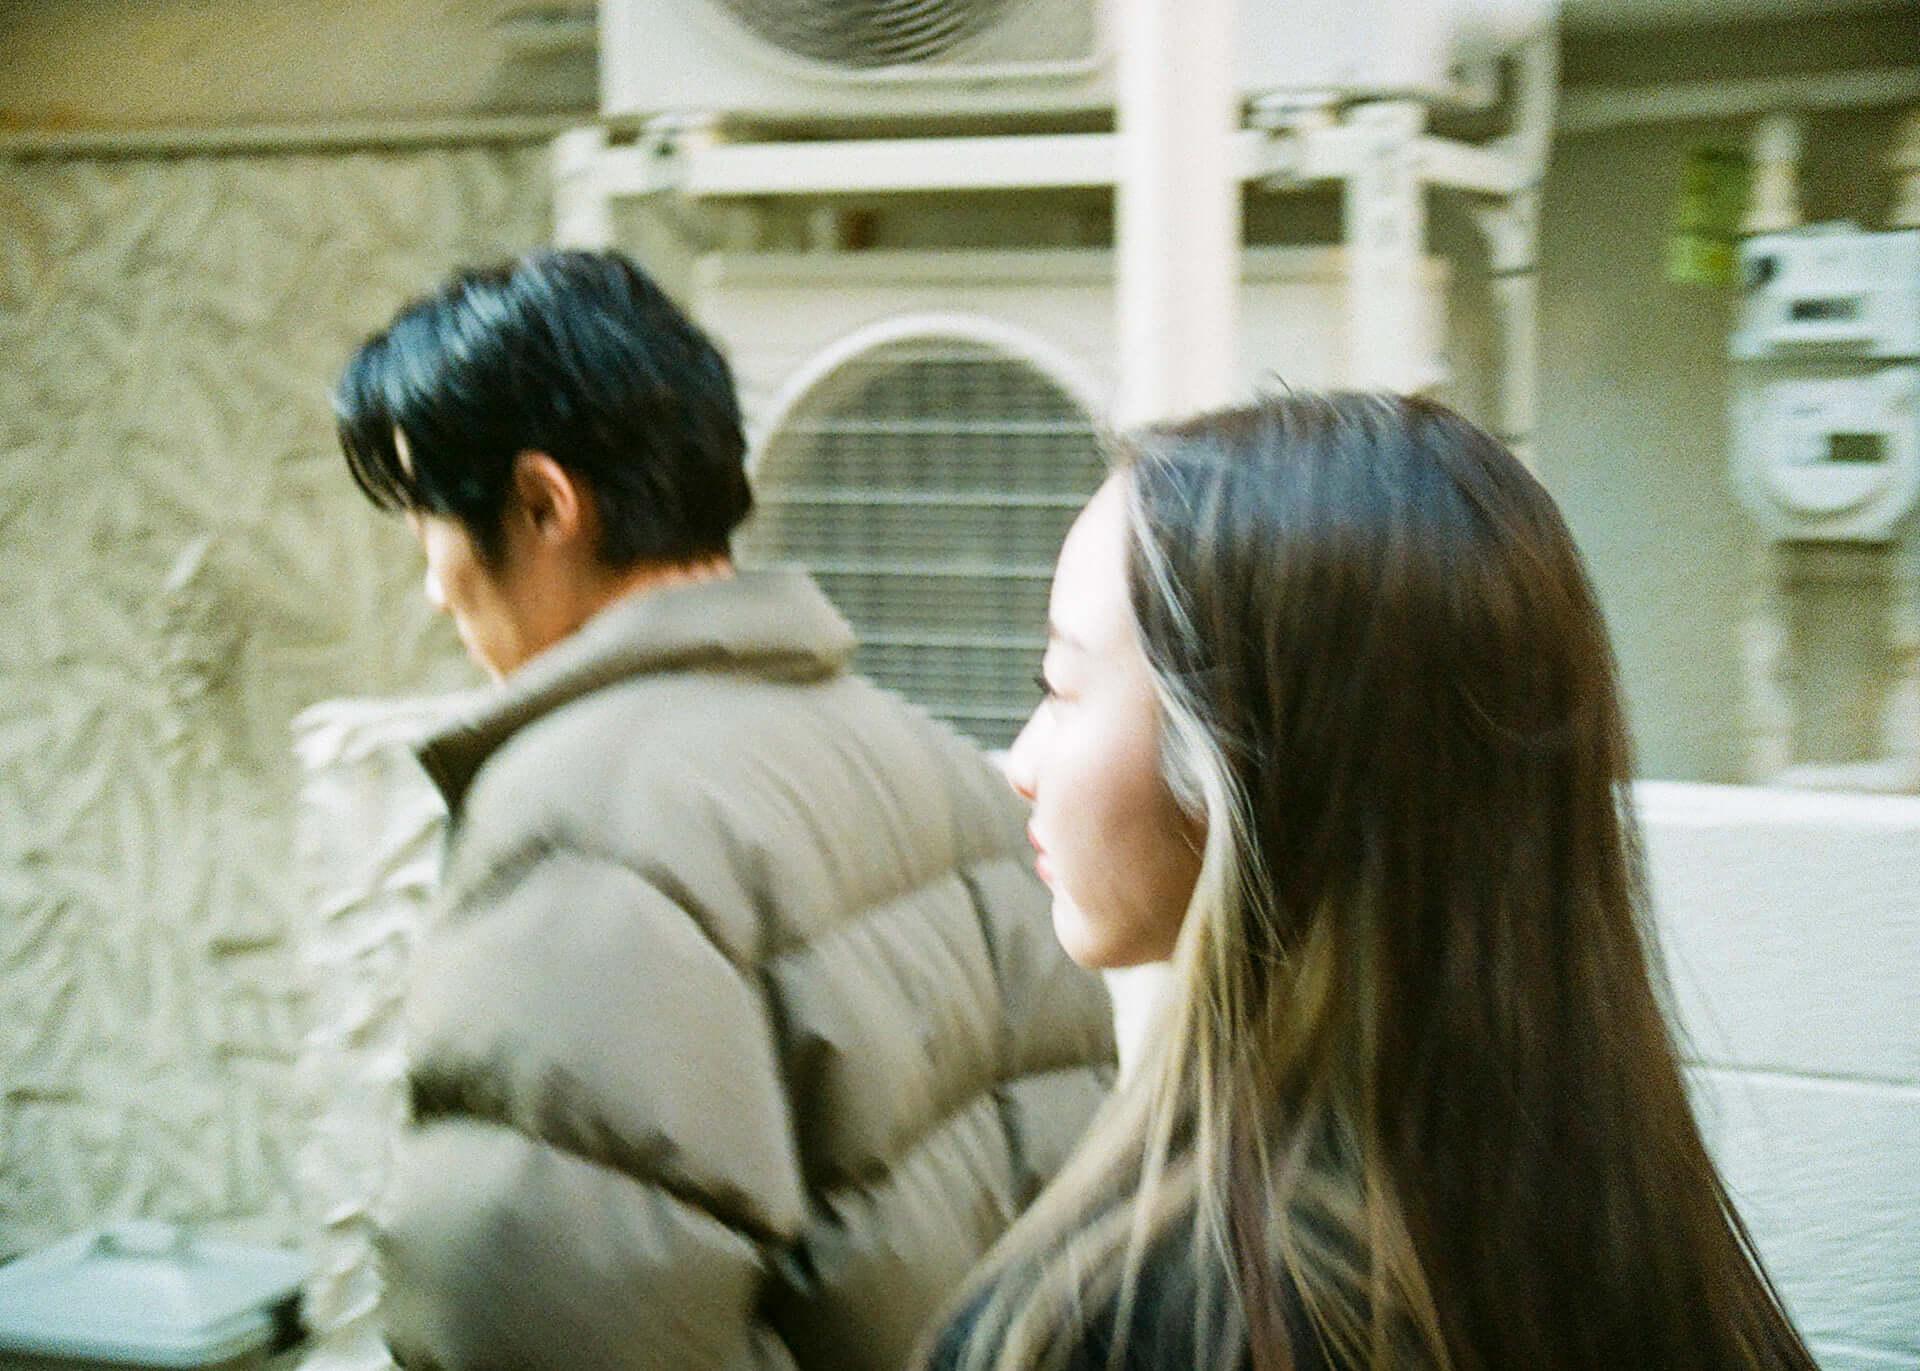 珠 鈴×松㟢翔平 台湾でどこ行く なに食べる?好好台湾対談 interview_shuri_matsuaki_15-1920x1371